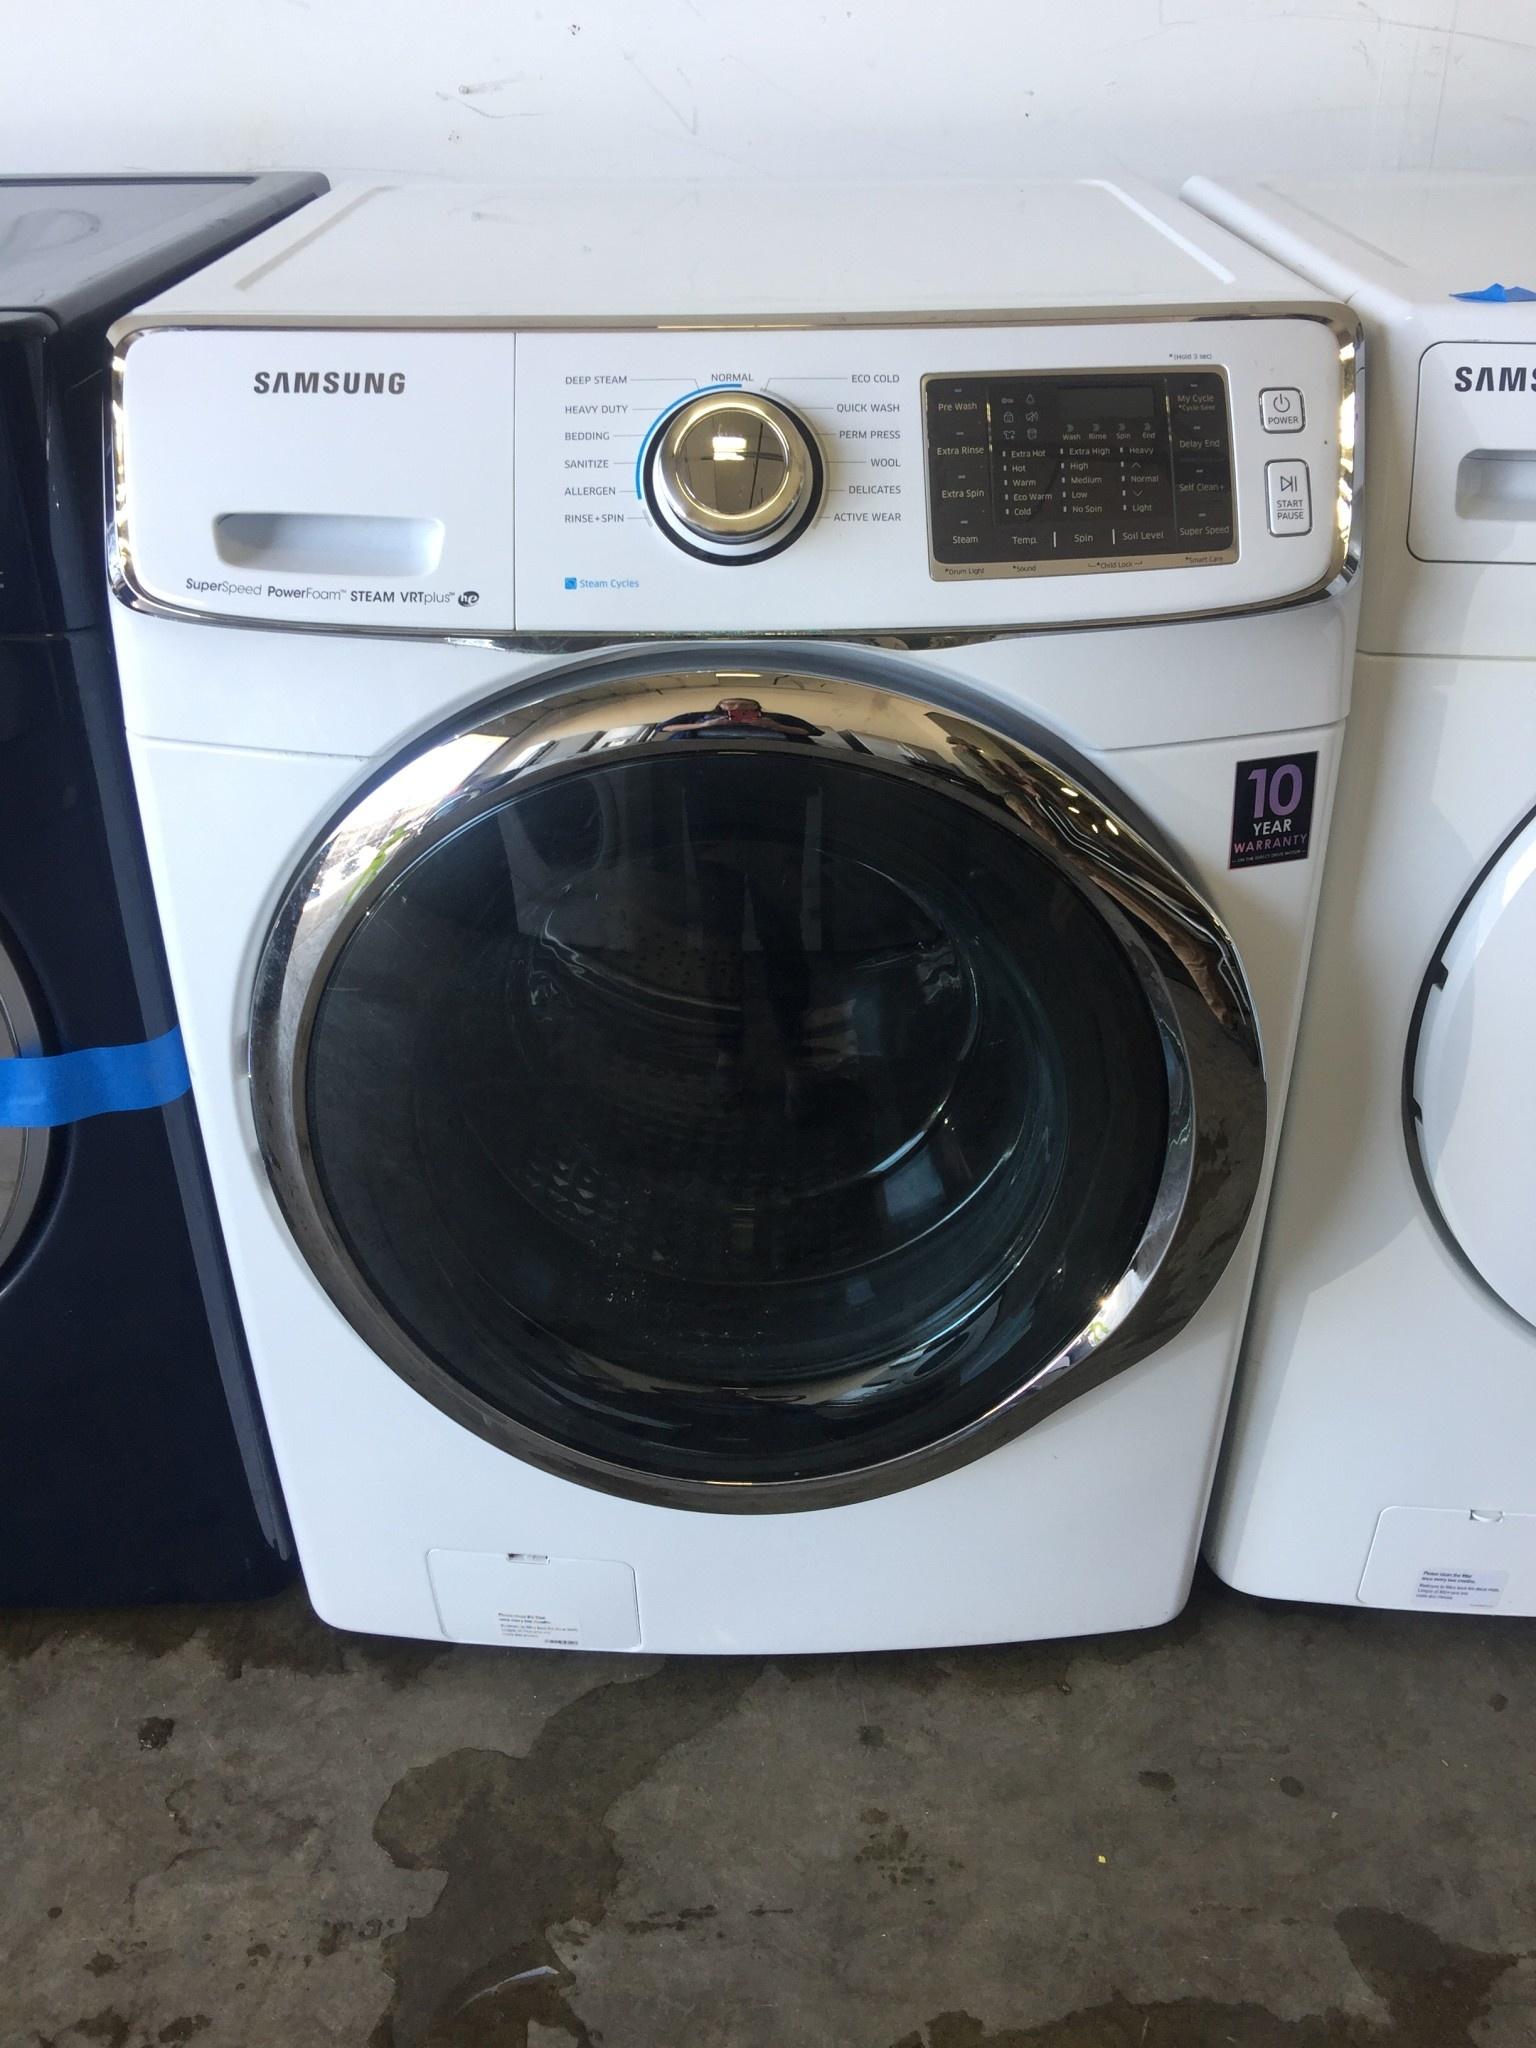 Samsung Samsung Front Load Steam Washing Machine